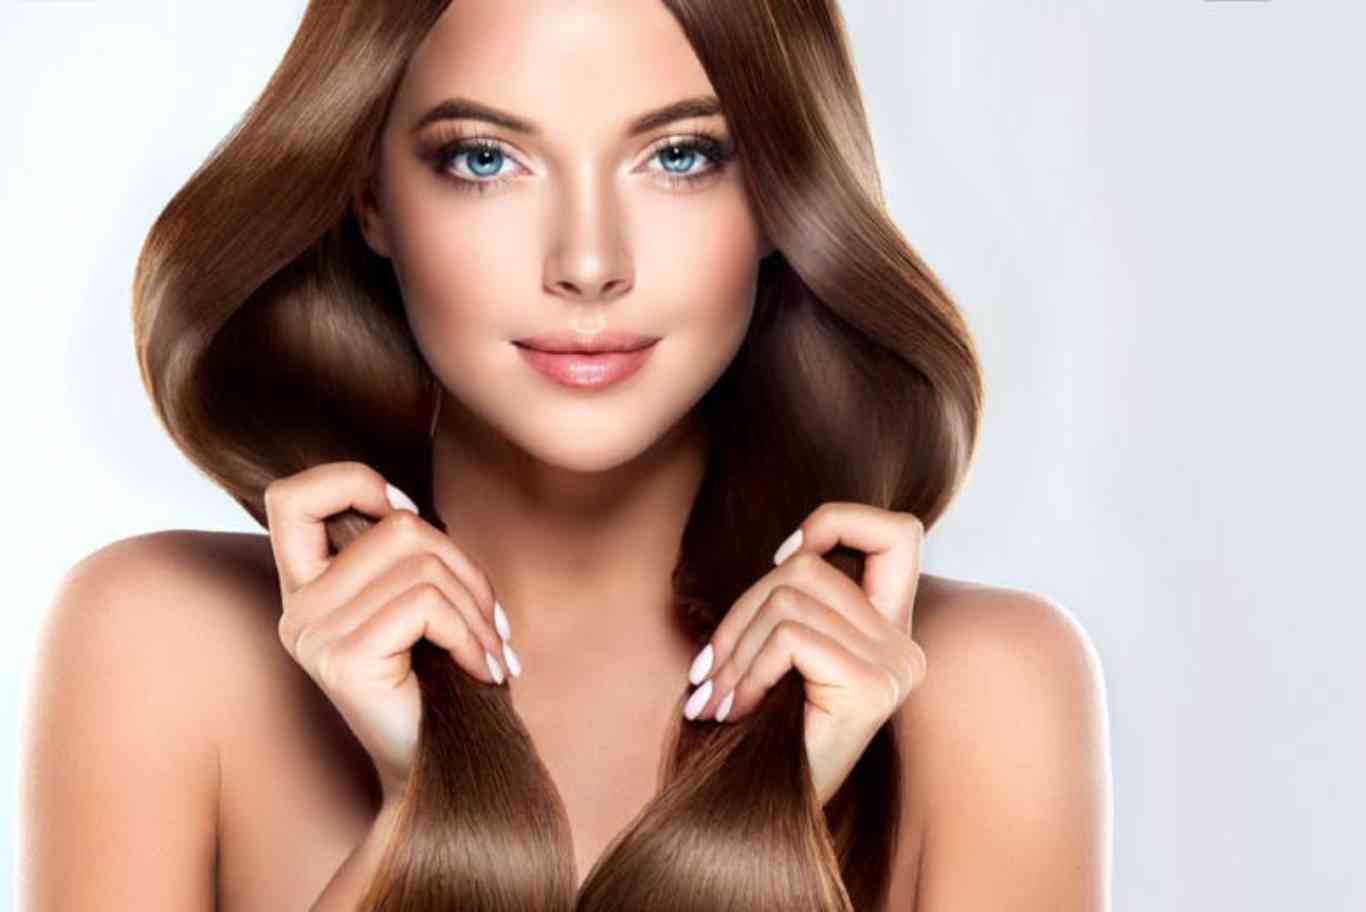 Peinados tendencia para 2018. ¡Píllalos por los pelos! - Dream Alcalá 64a6b1159286